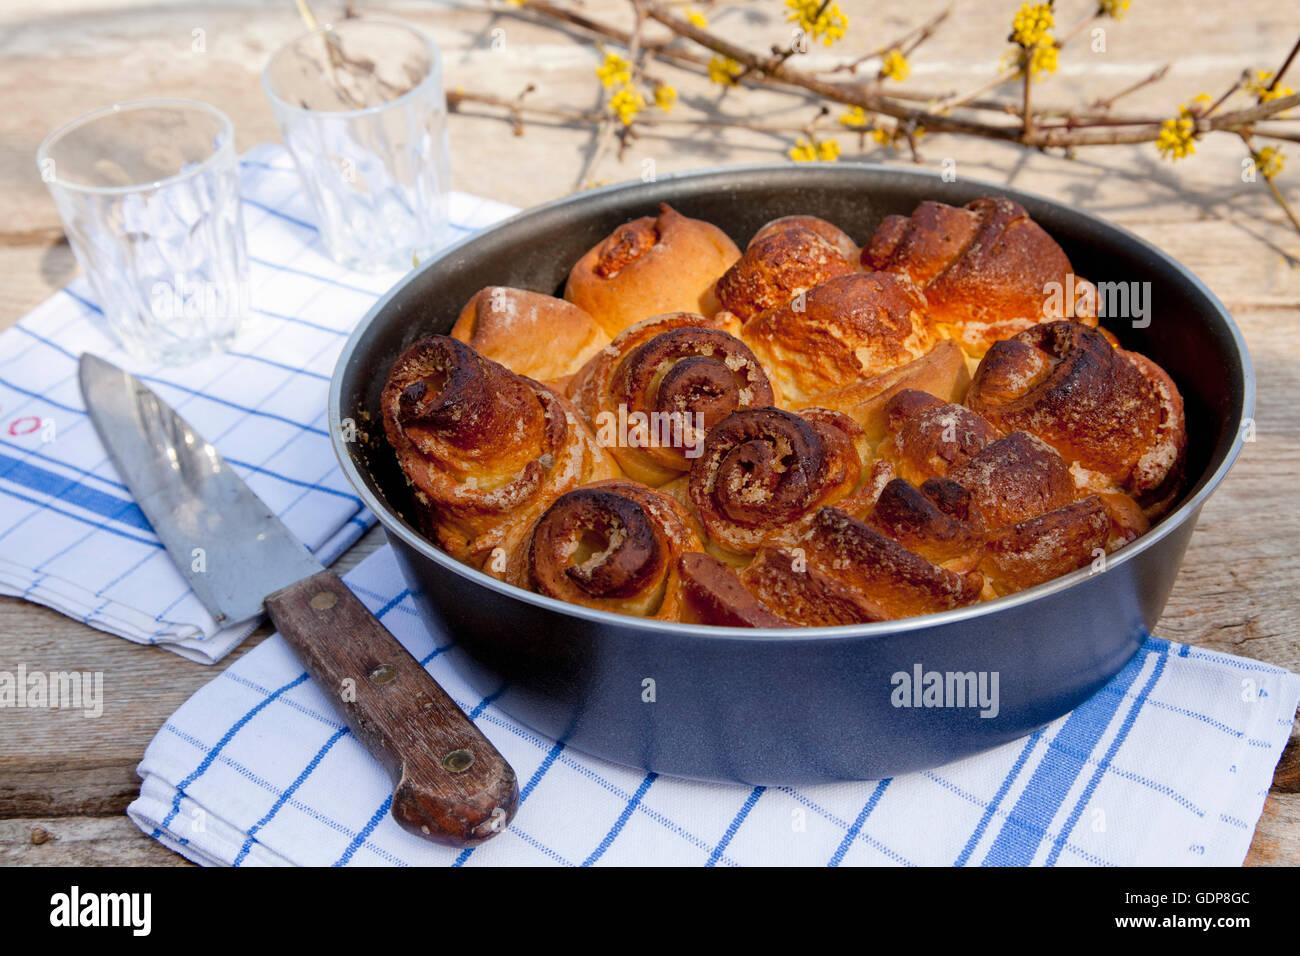 La torta nella teglia per torte sul tavolo con bicchieri Foto Stock